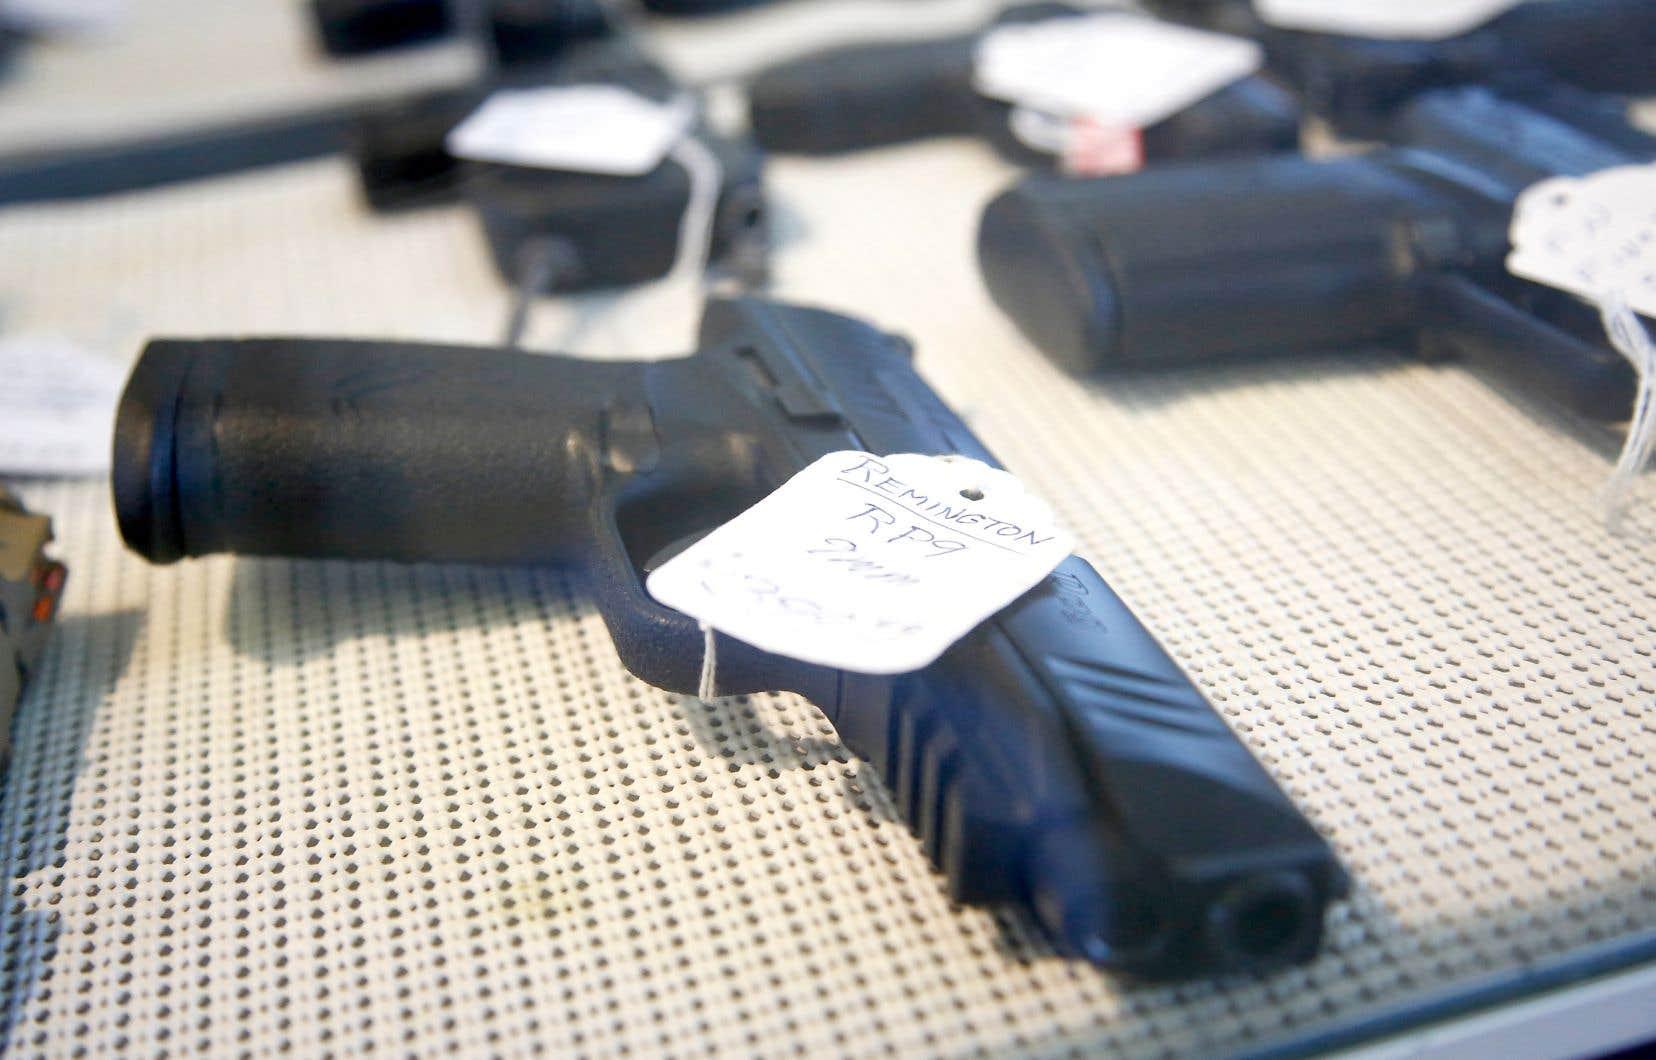 La semaine dernière, la mairesse Valérie Plante avait réclamé du gouvernement fédéral qu'il légifère dans le but spécifique de freiner la prolifération des armes de poing.